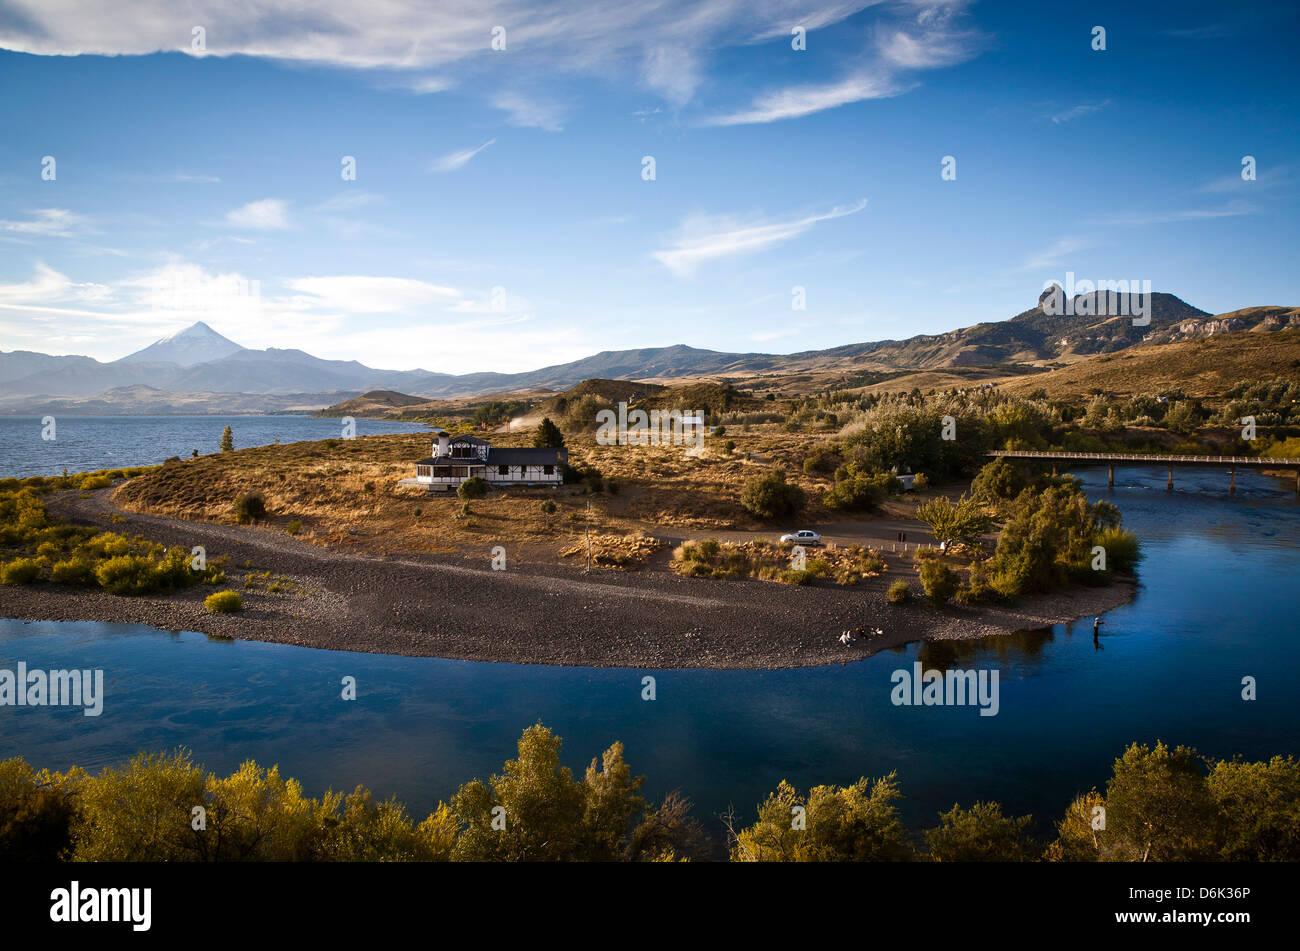 Vistas al volcán Lanín y Lago Huechulafquen, Parque Nacional Lanin, Patagonia, Argentina, Sudamérica Imagen De Stock